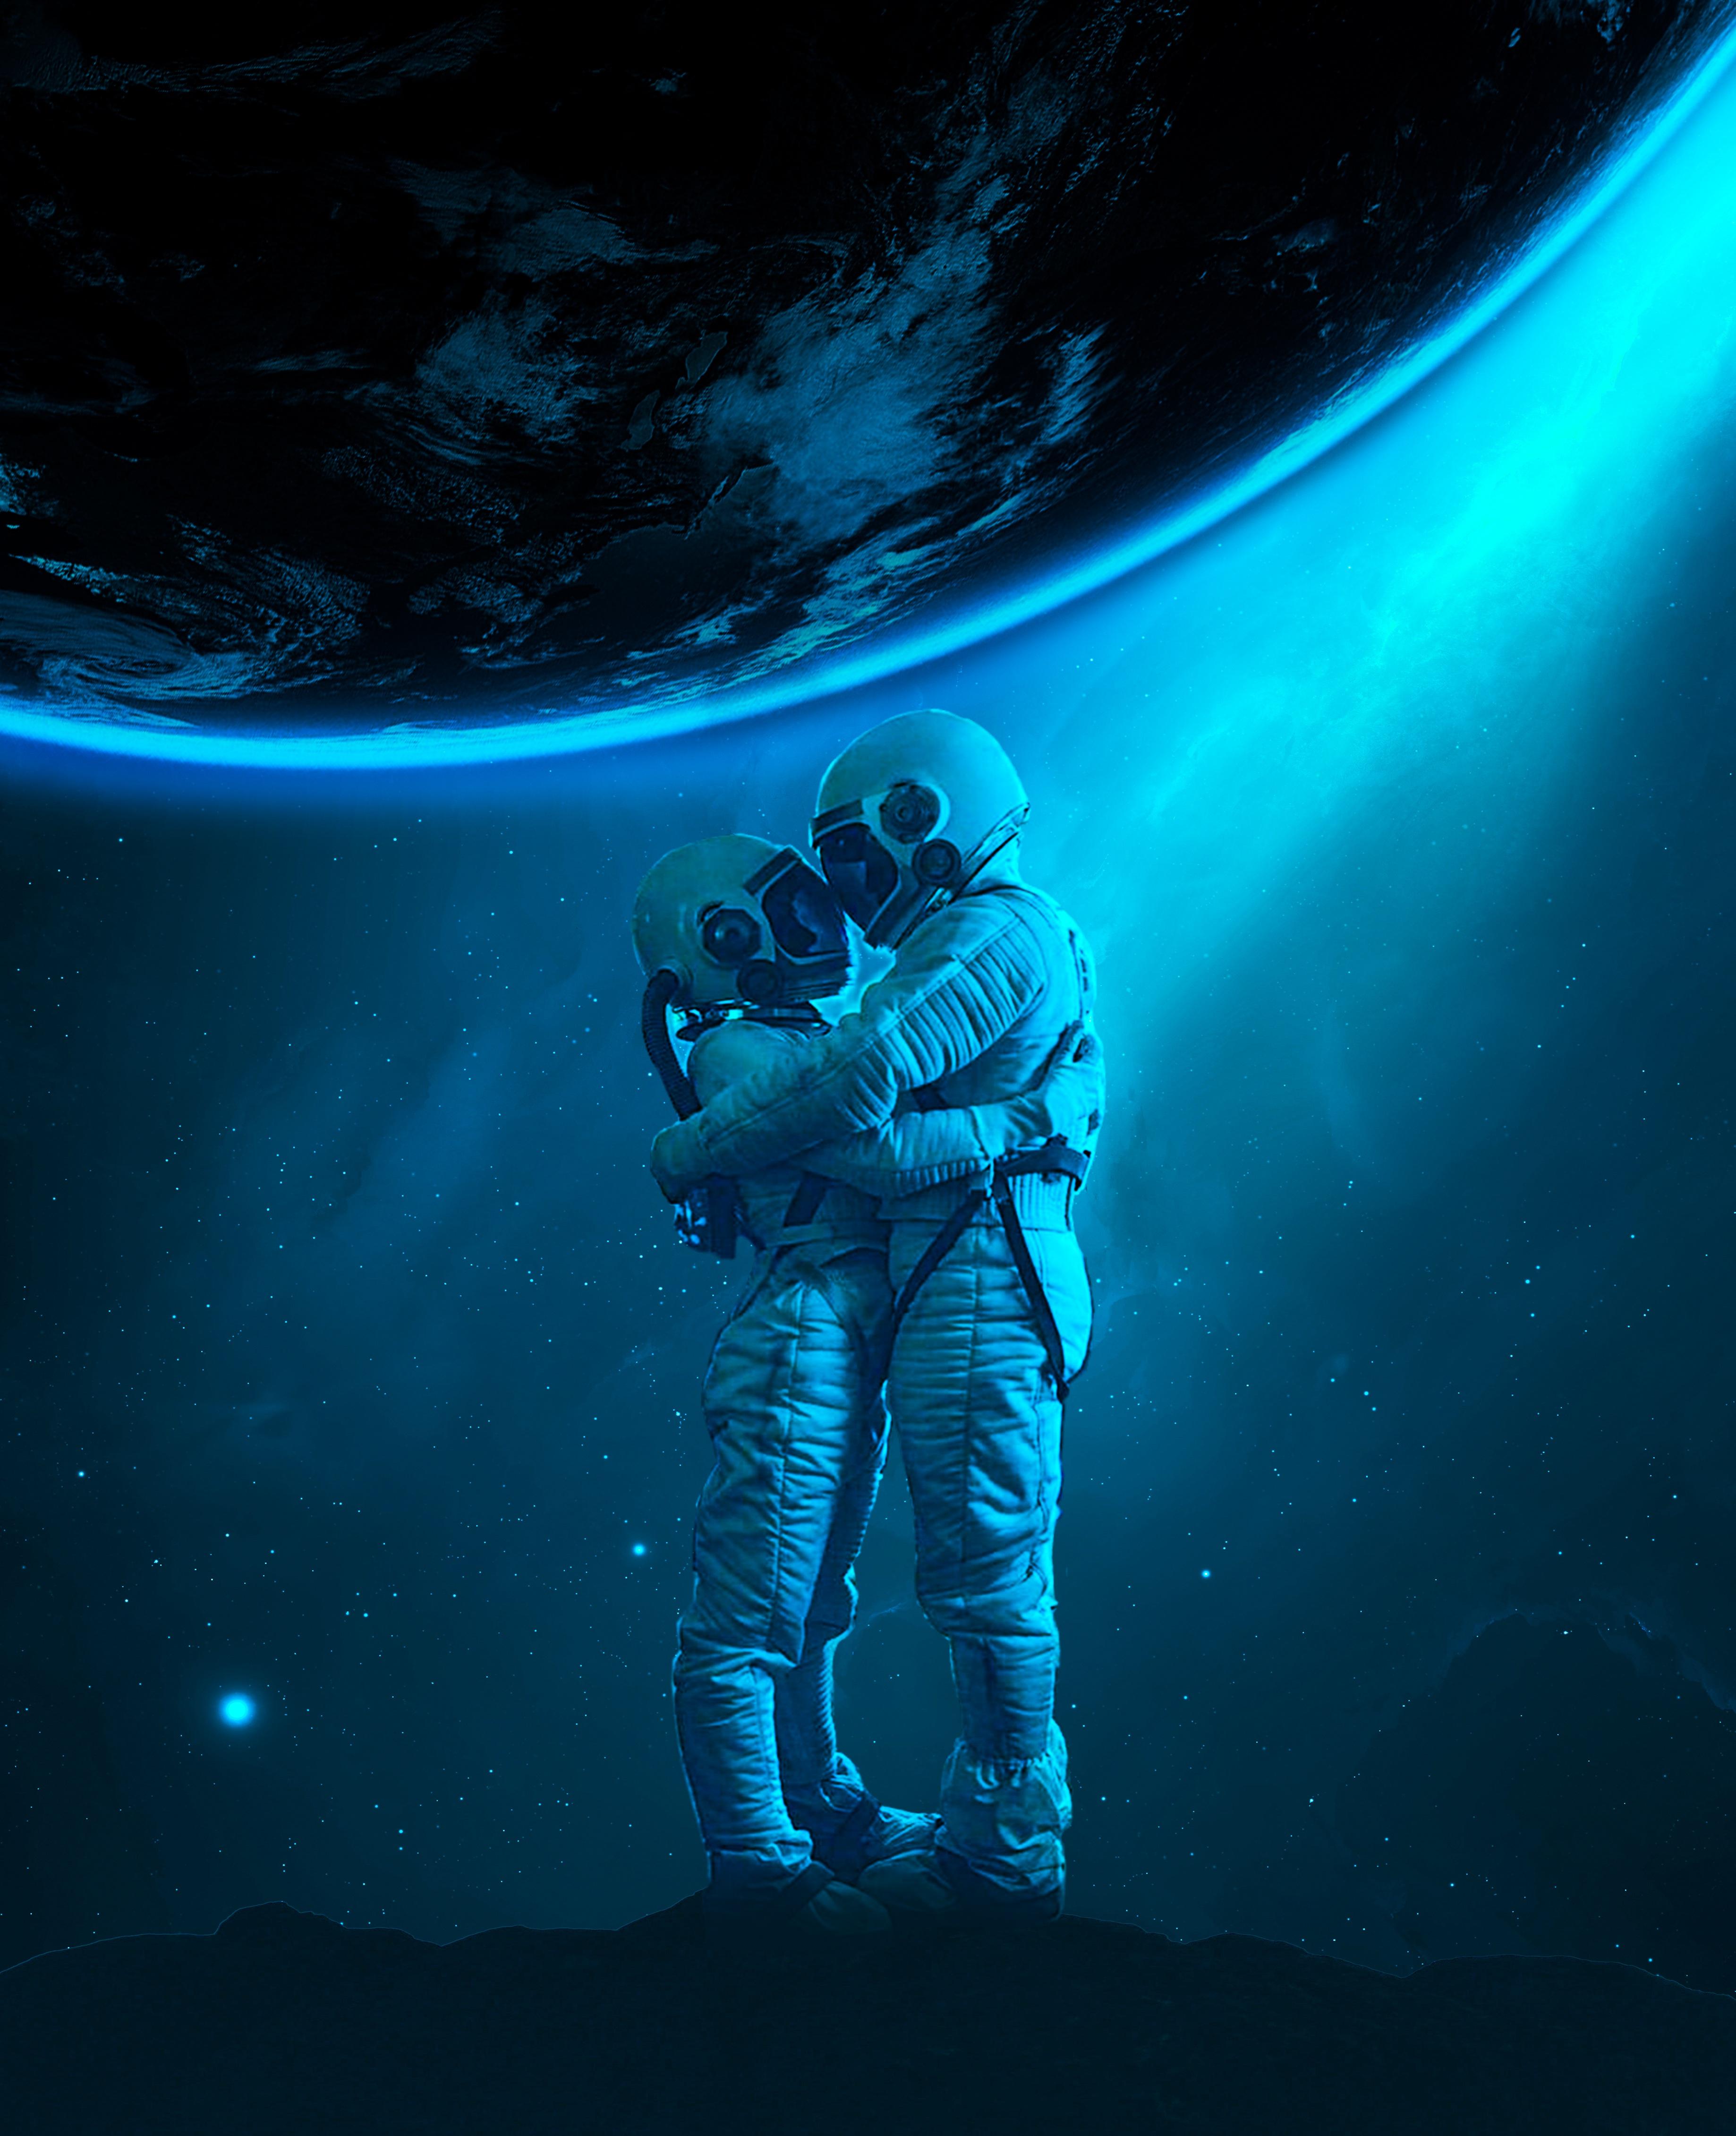 Descargar fondo de pantalla gratis 63004: Miscelánea, Misceláneo, Cosmonautas, Astronautas, Abarcar, Abrazar, Amor, Universo fondo de pantalla para teléfono móvil